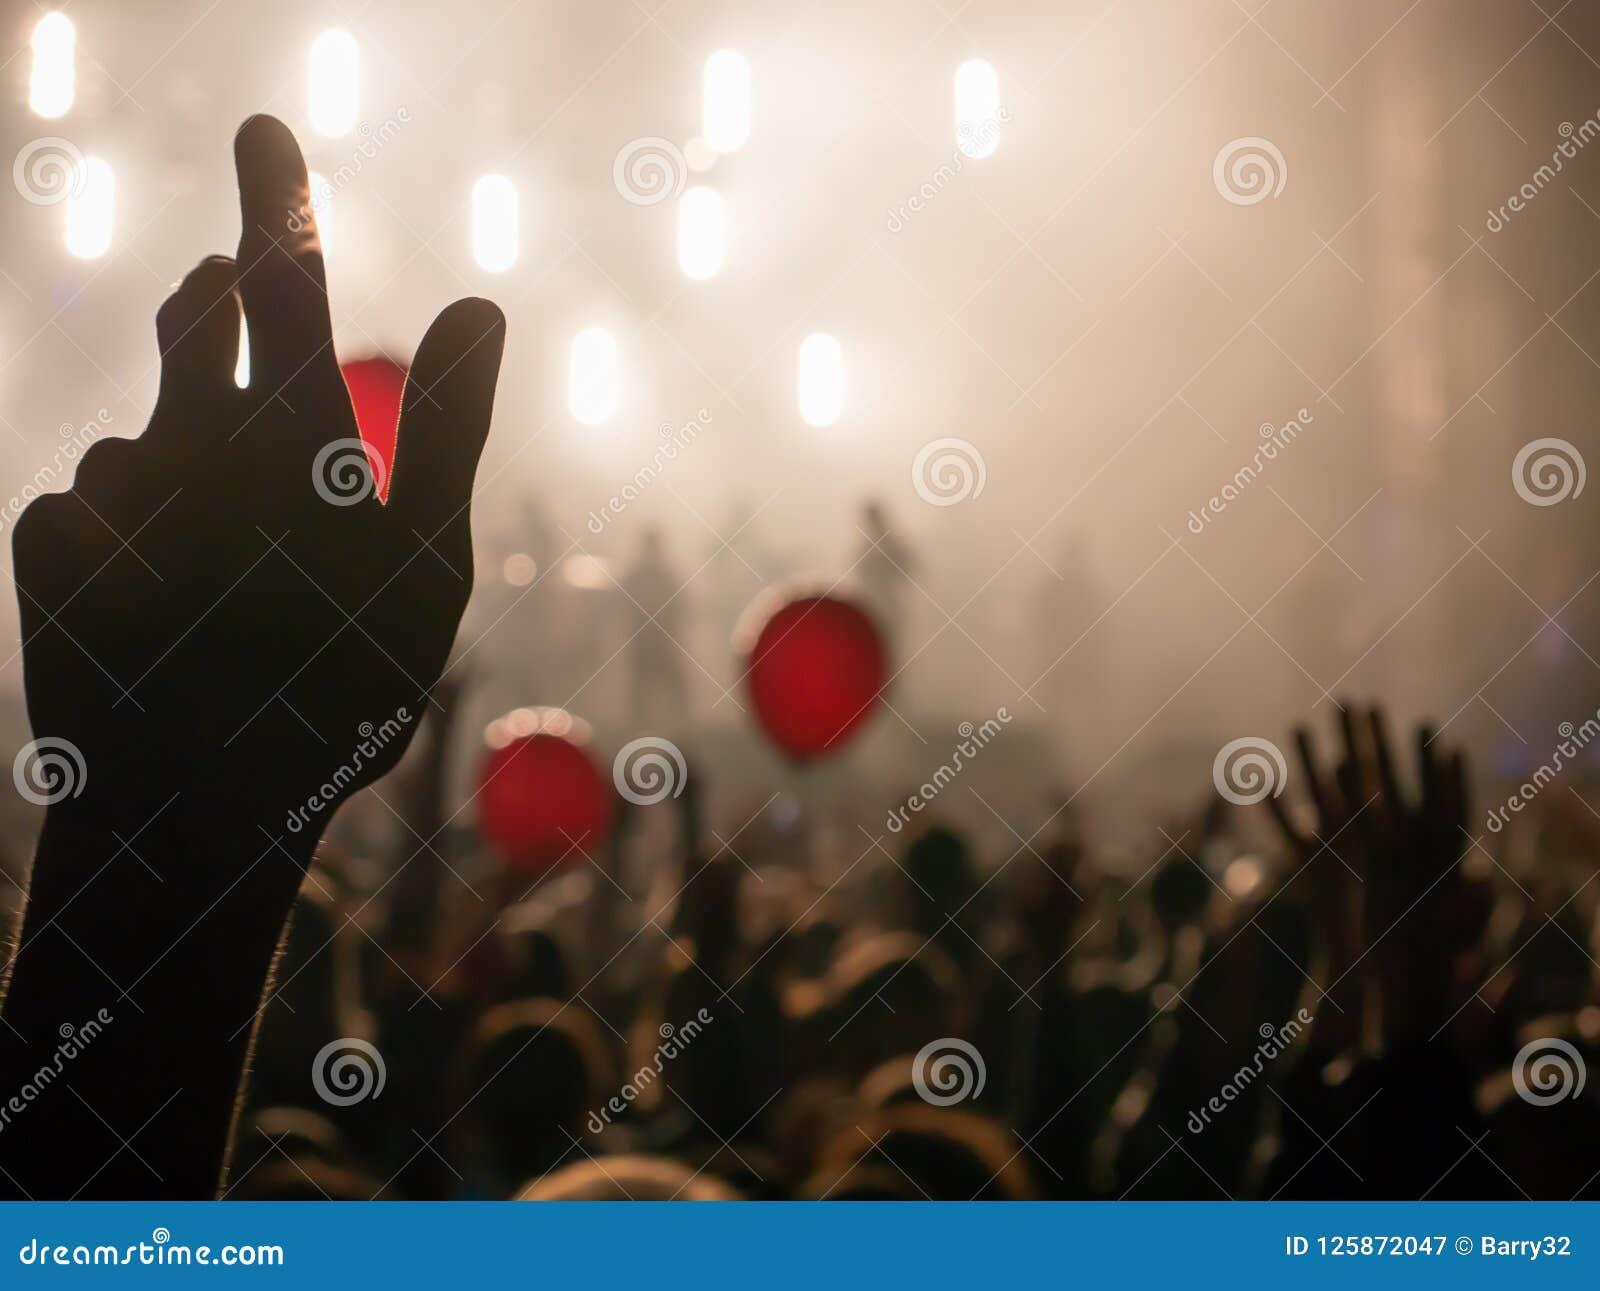 Main dans le ciel pendant le concert de rock silhouetté contre les lumières lumineuses